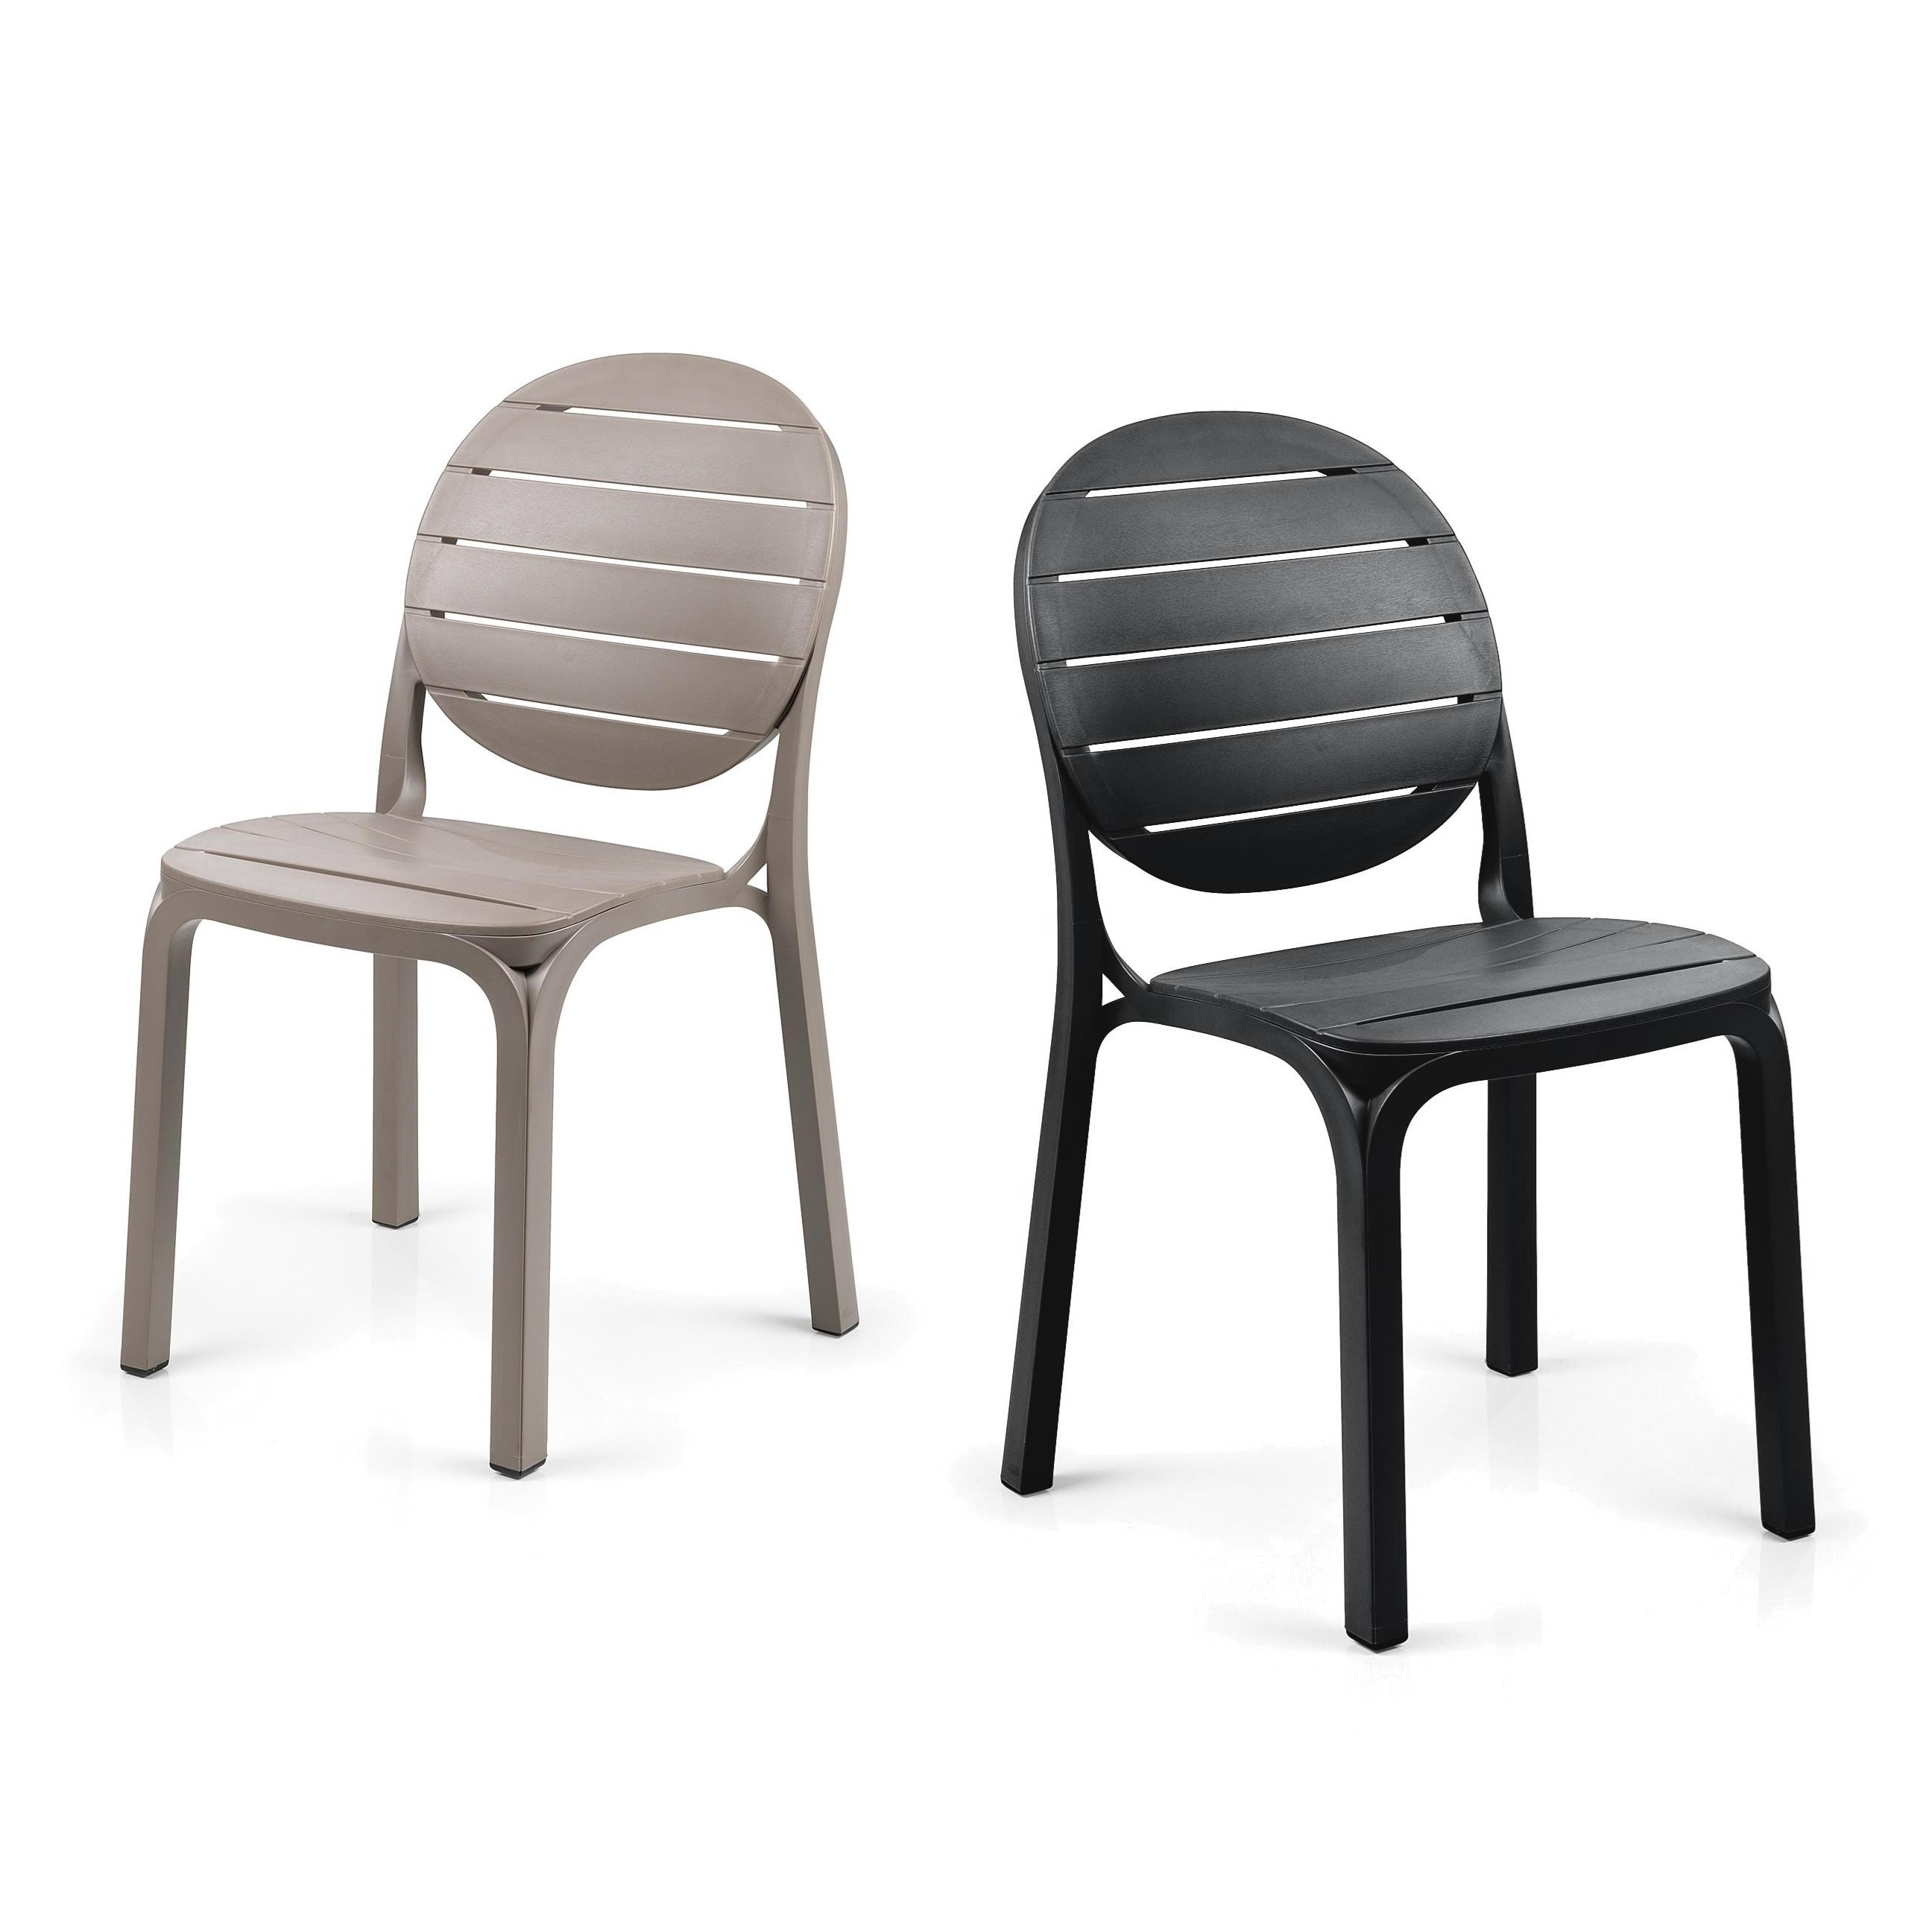 Sedia per esterni in resina erica nardi - Sedie da giardino in plastica ...